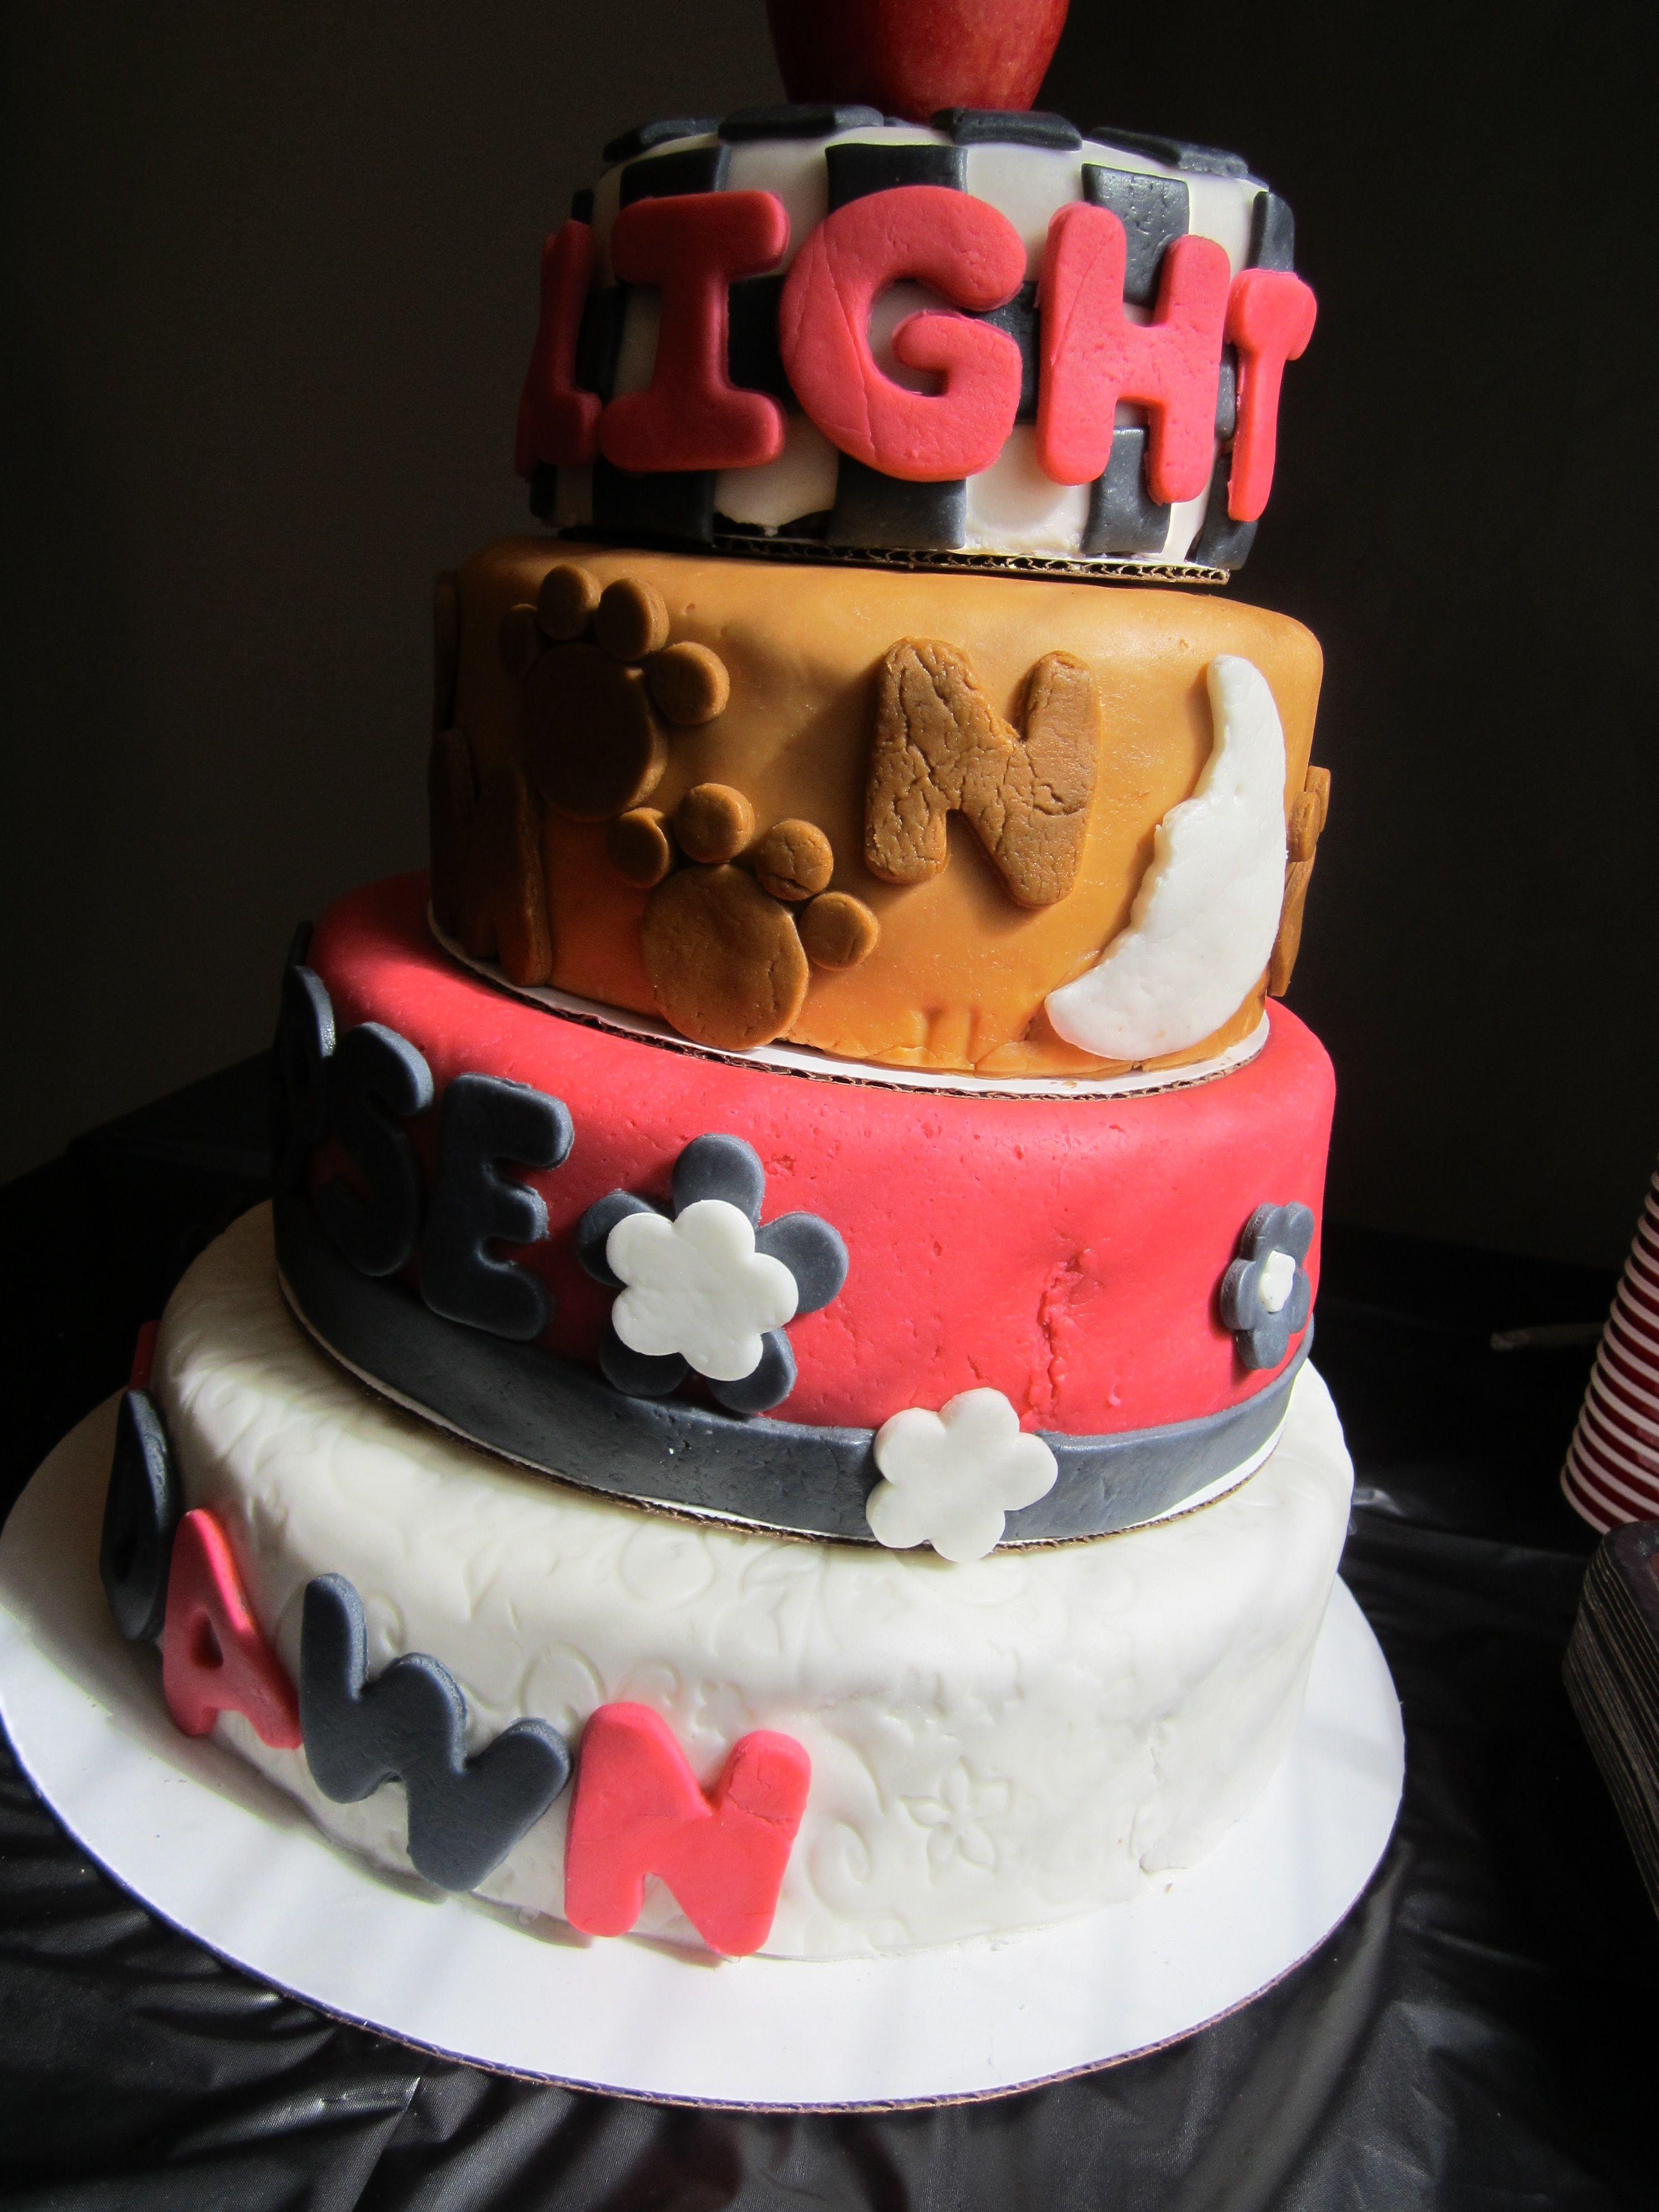 Twilight Saga Cake Side